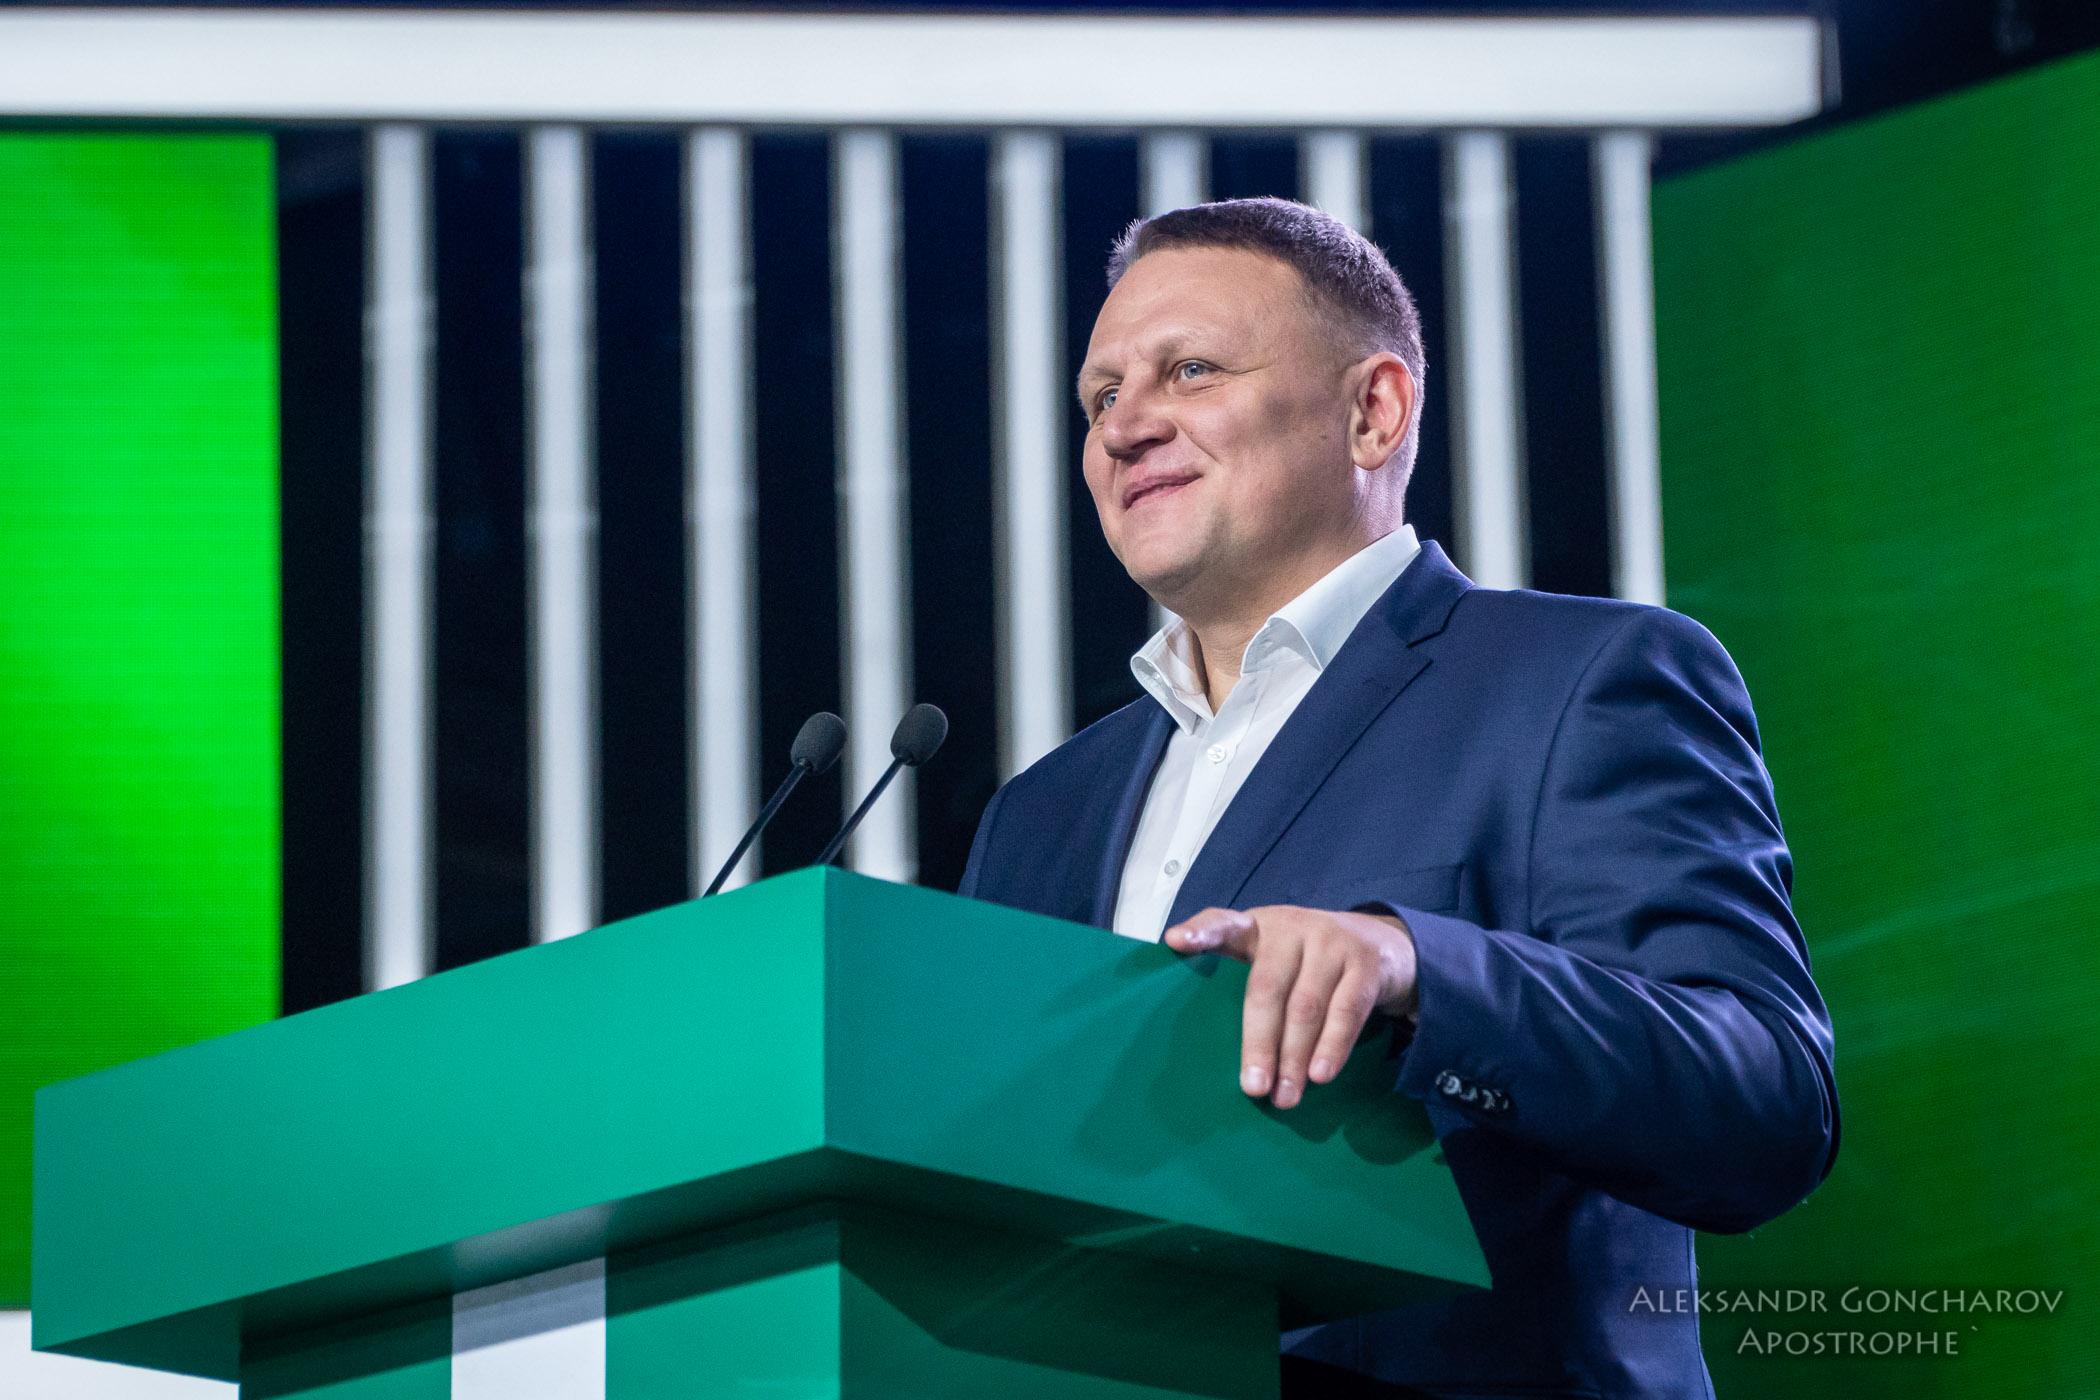 Кандидатом в президенты от партии стал Александр Шевченко